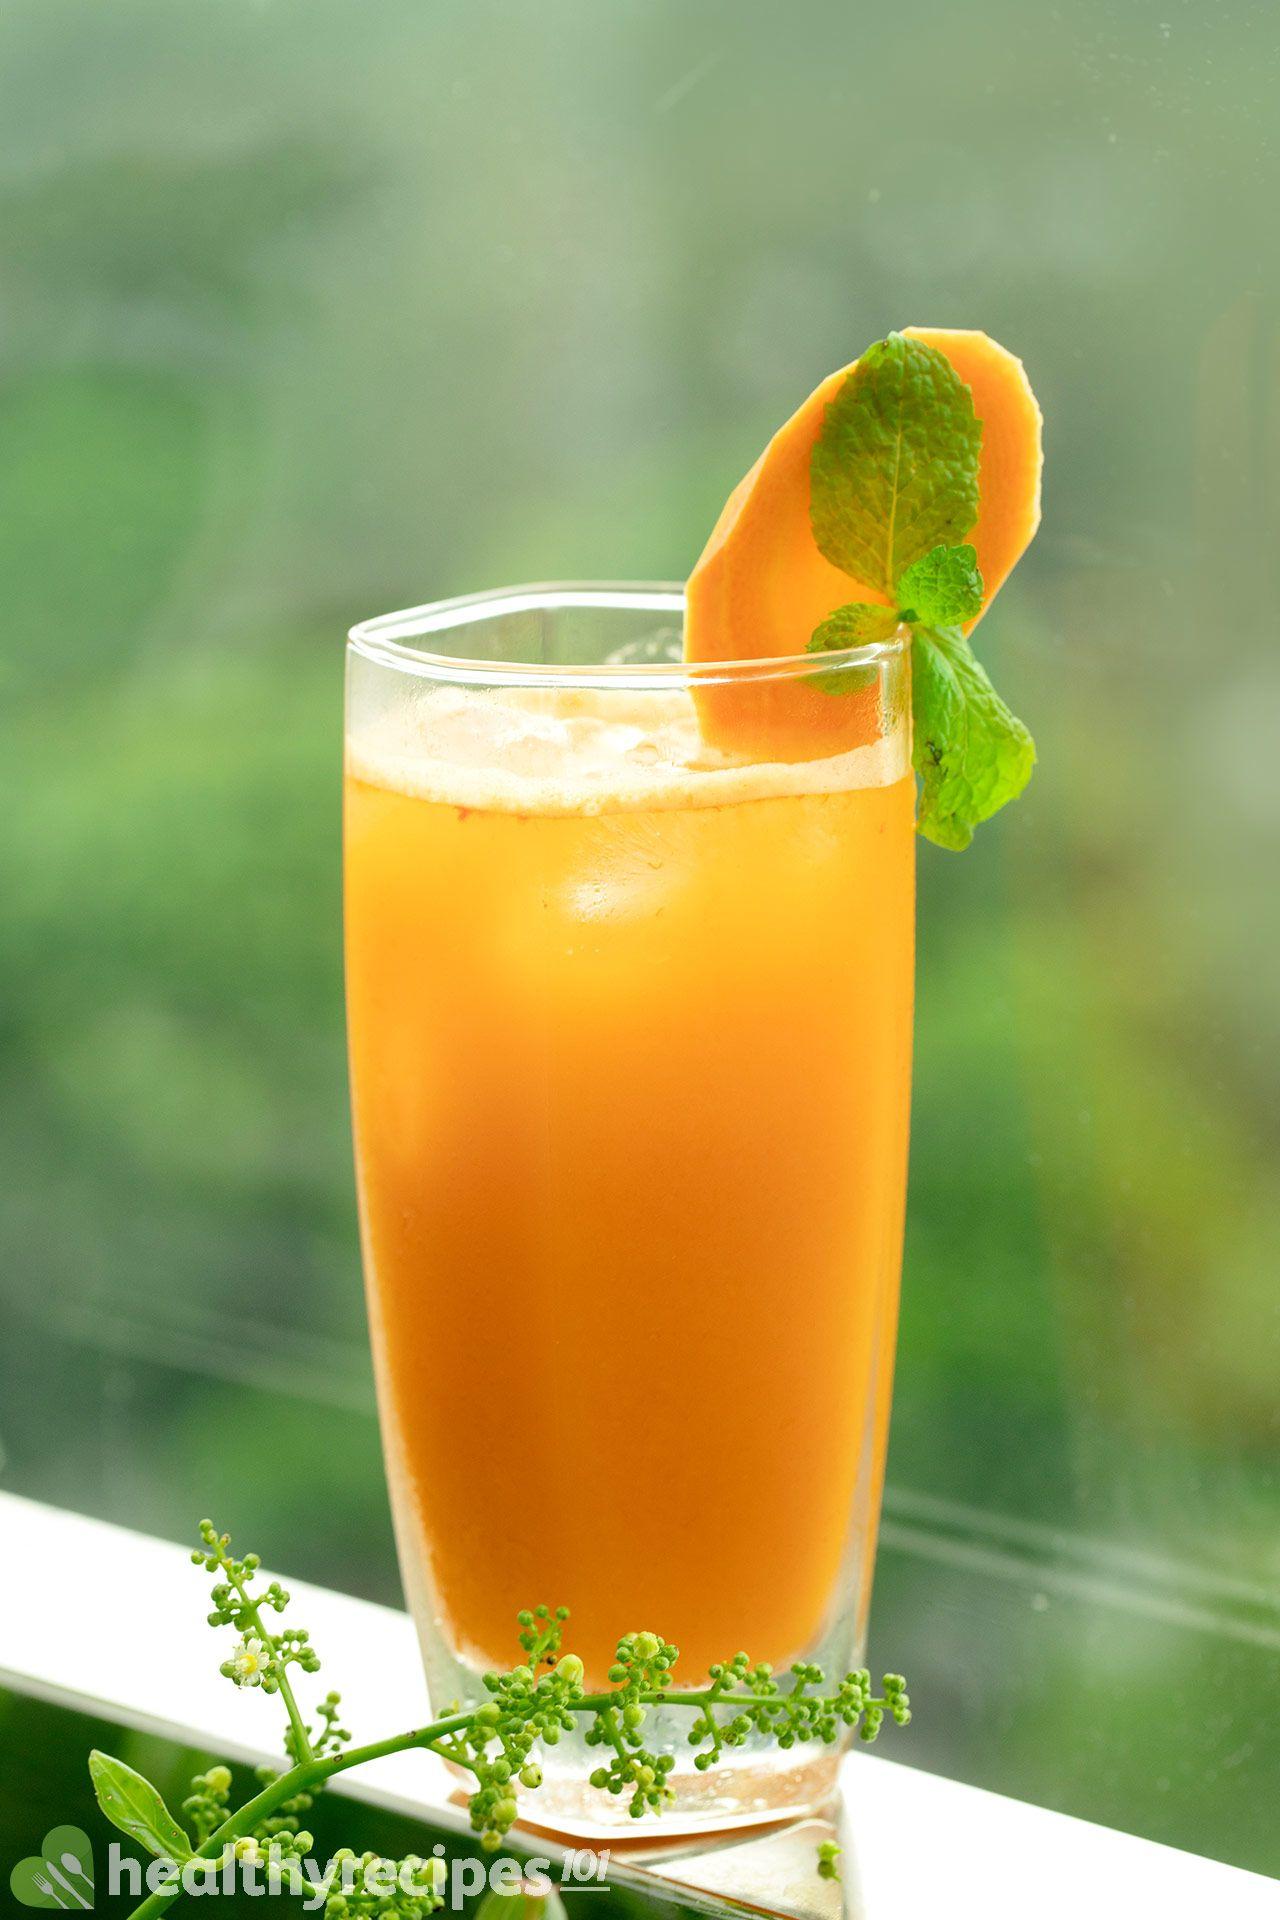 Homemade Carrot Apple Ginger Juice Recipe